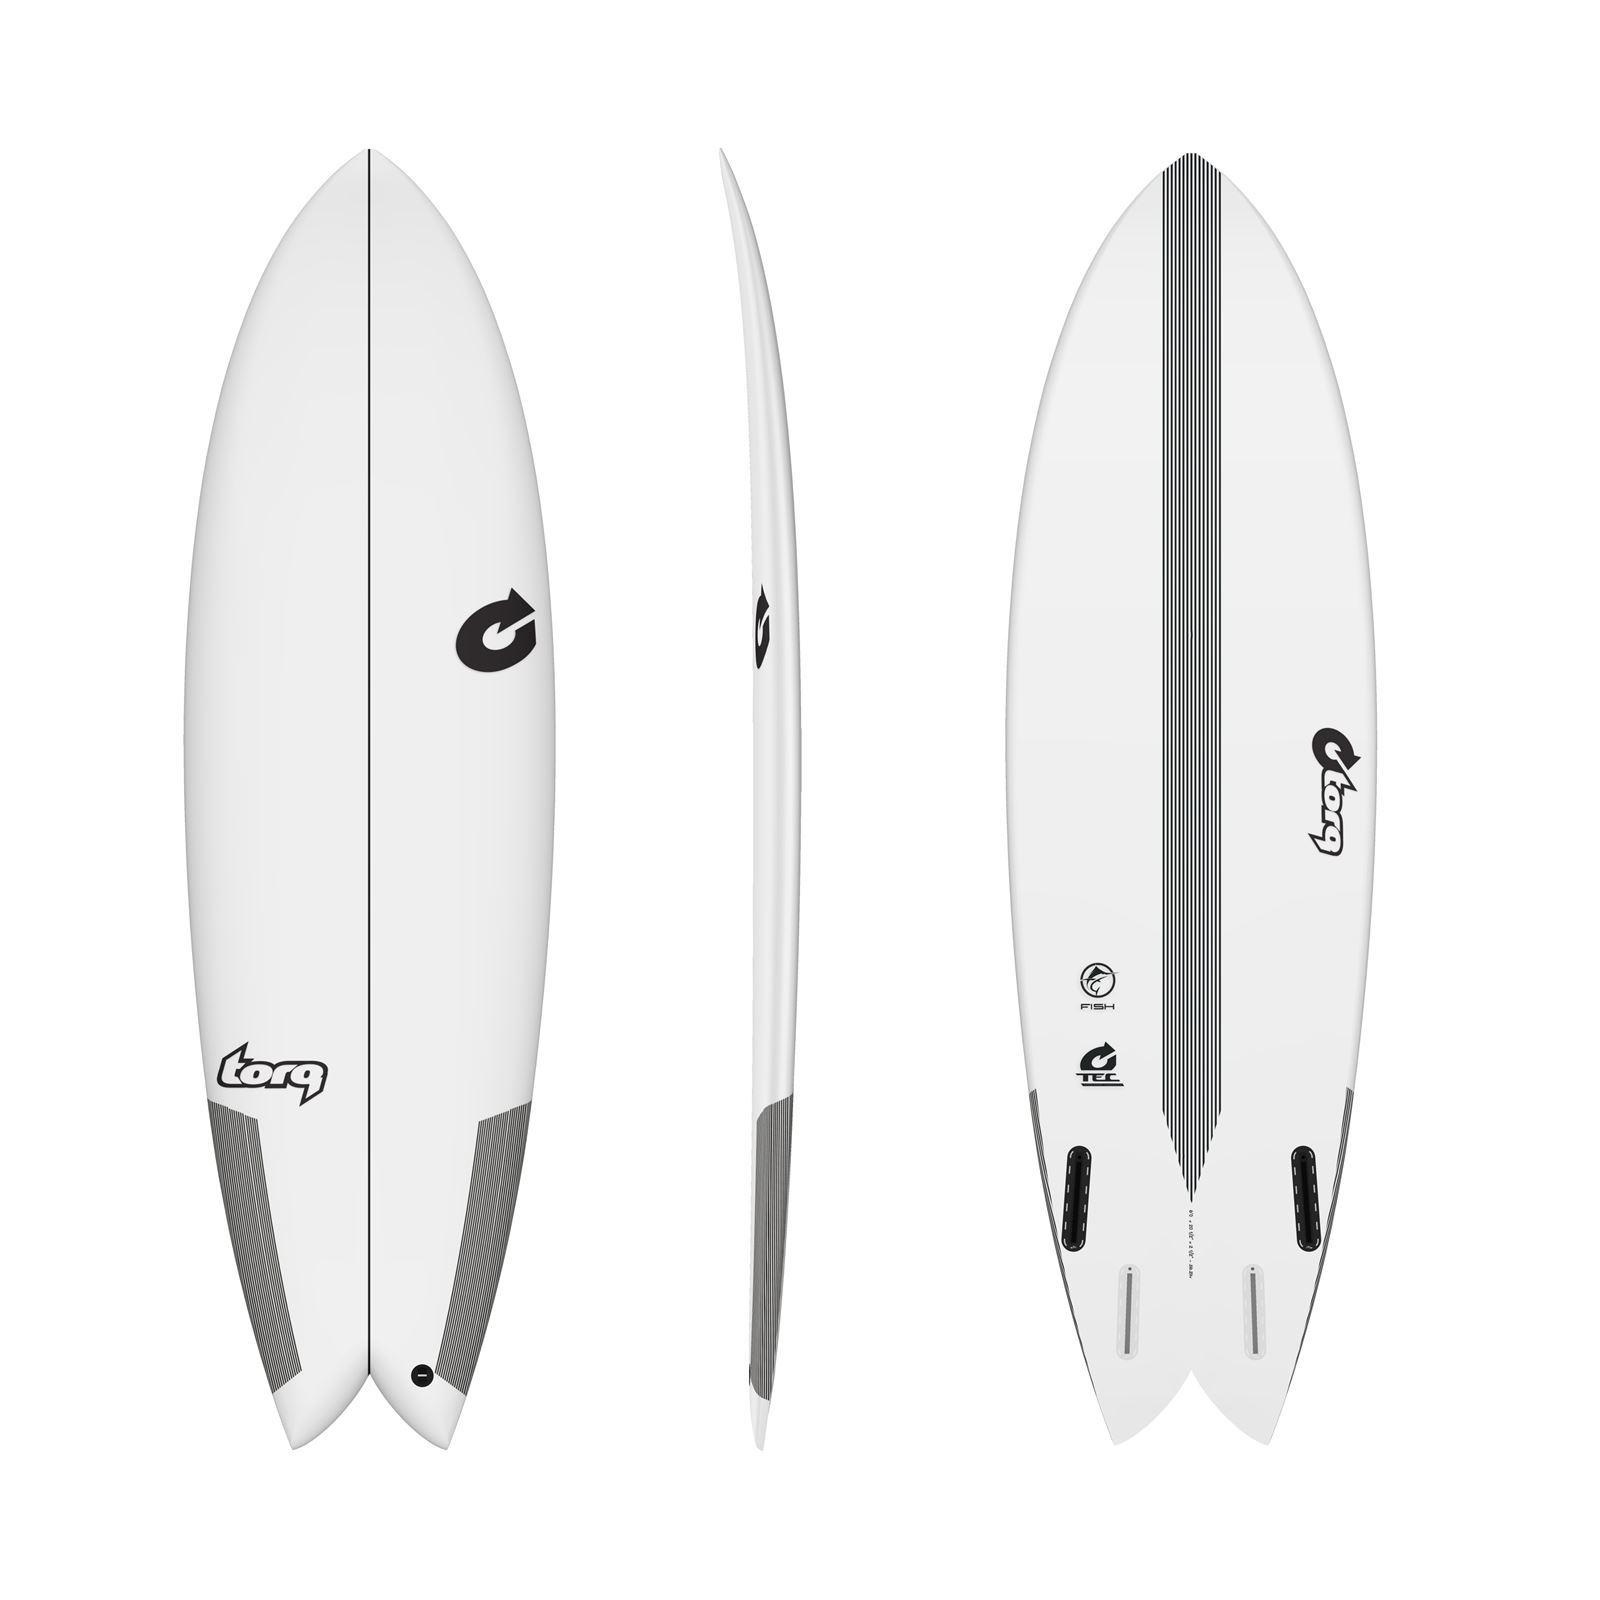 Roam Surfboard Socke Hybrid Fish 6.6 Streifen